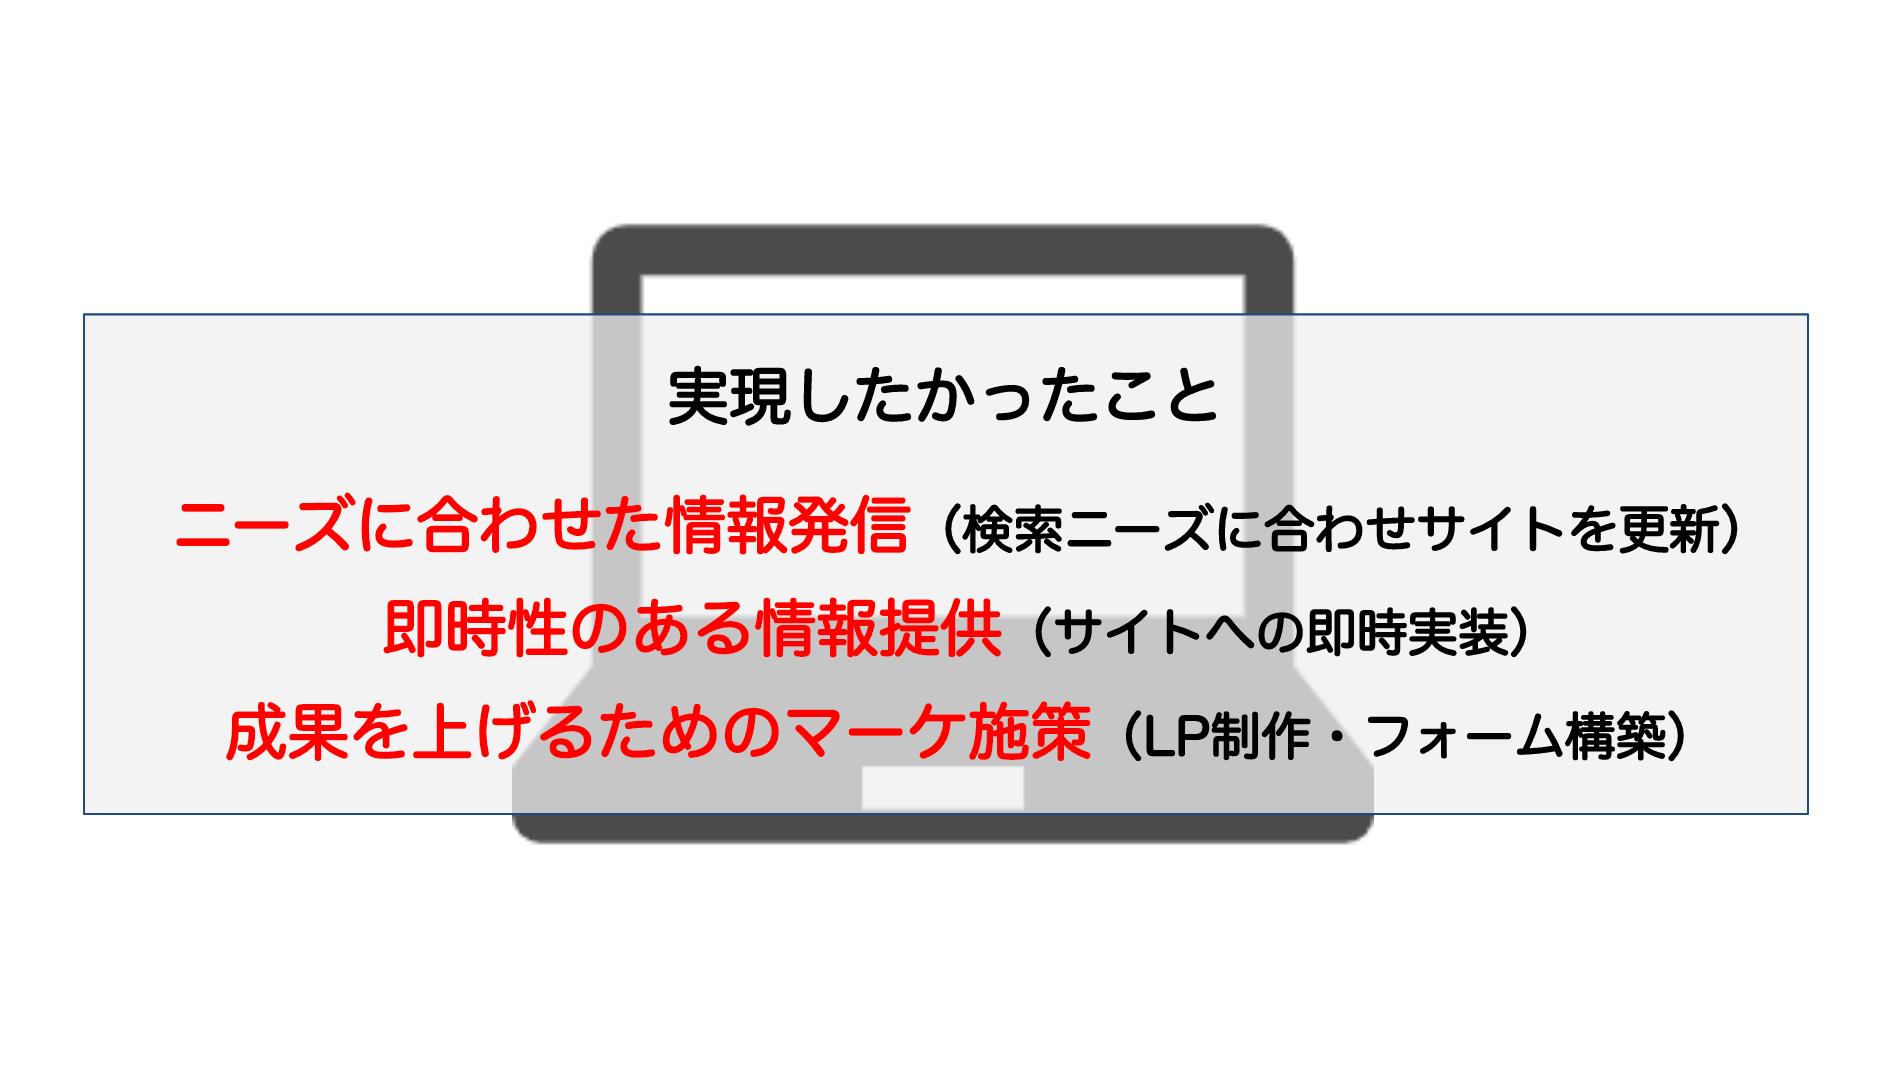 スクリーンショット 2020-10-25 17.01.10.png